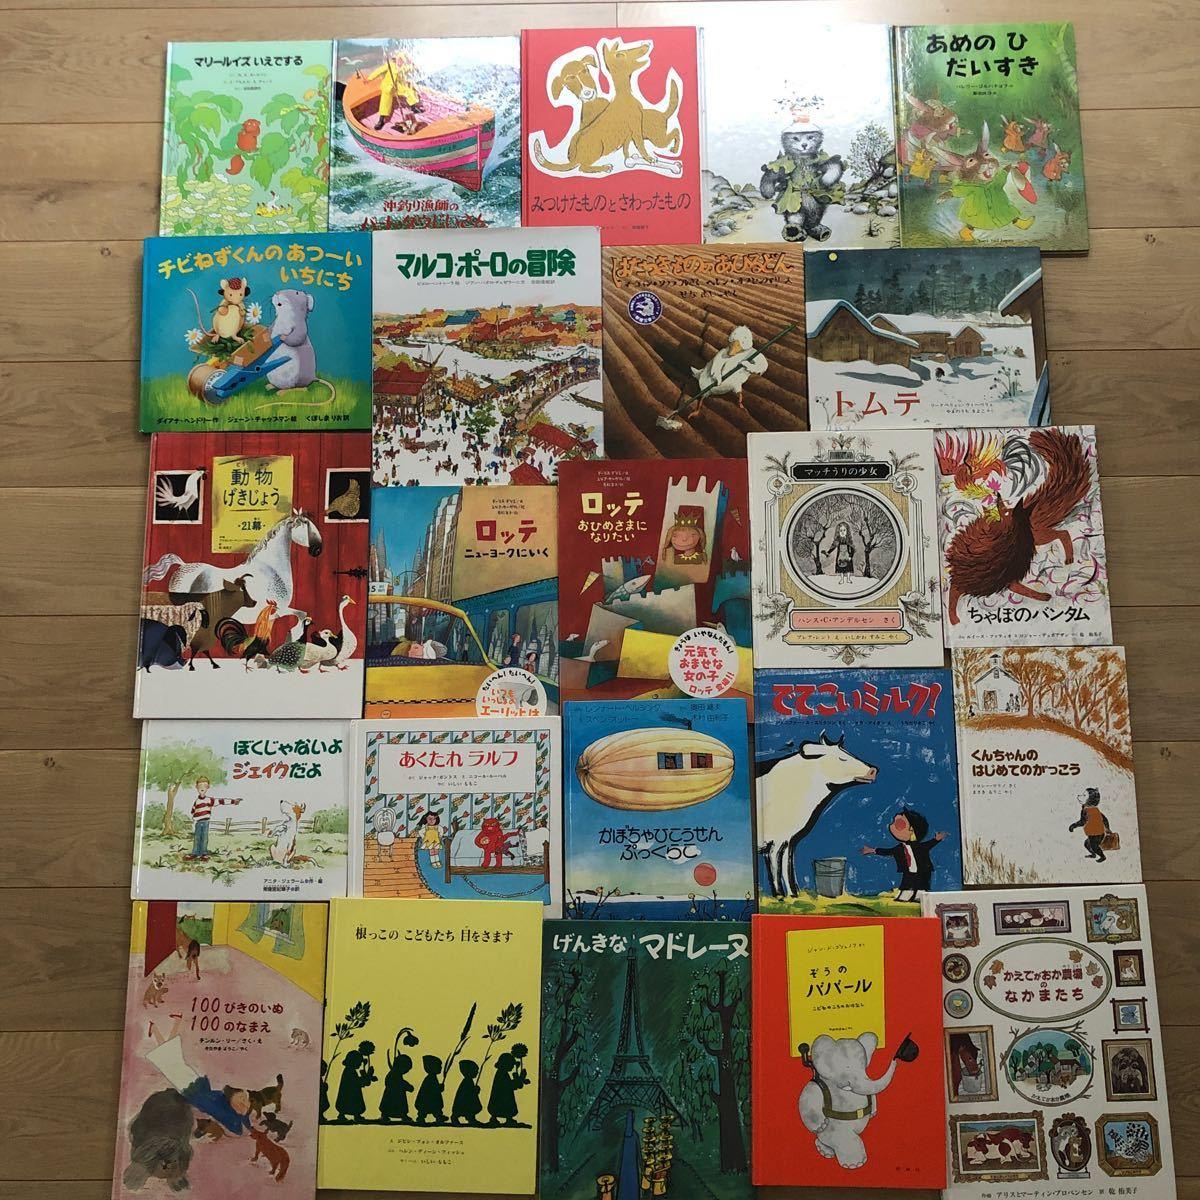 人気翻訳絵本 24冊 読み聞かせにいかがですか /送料無料